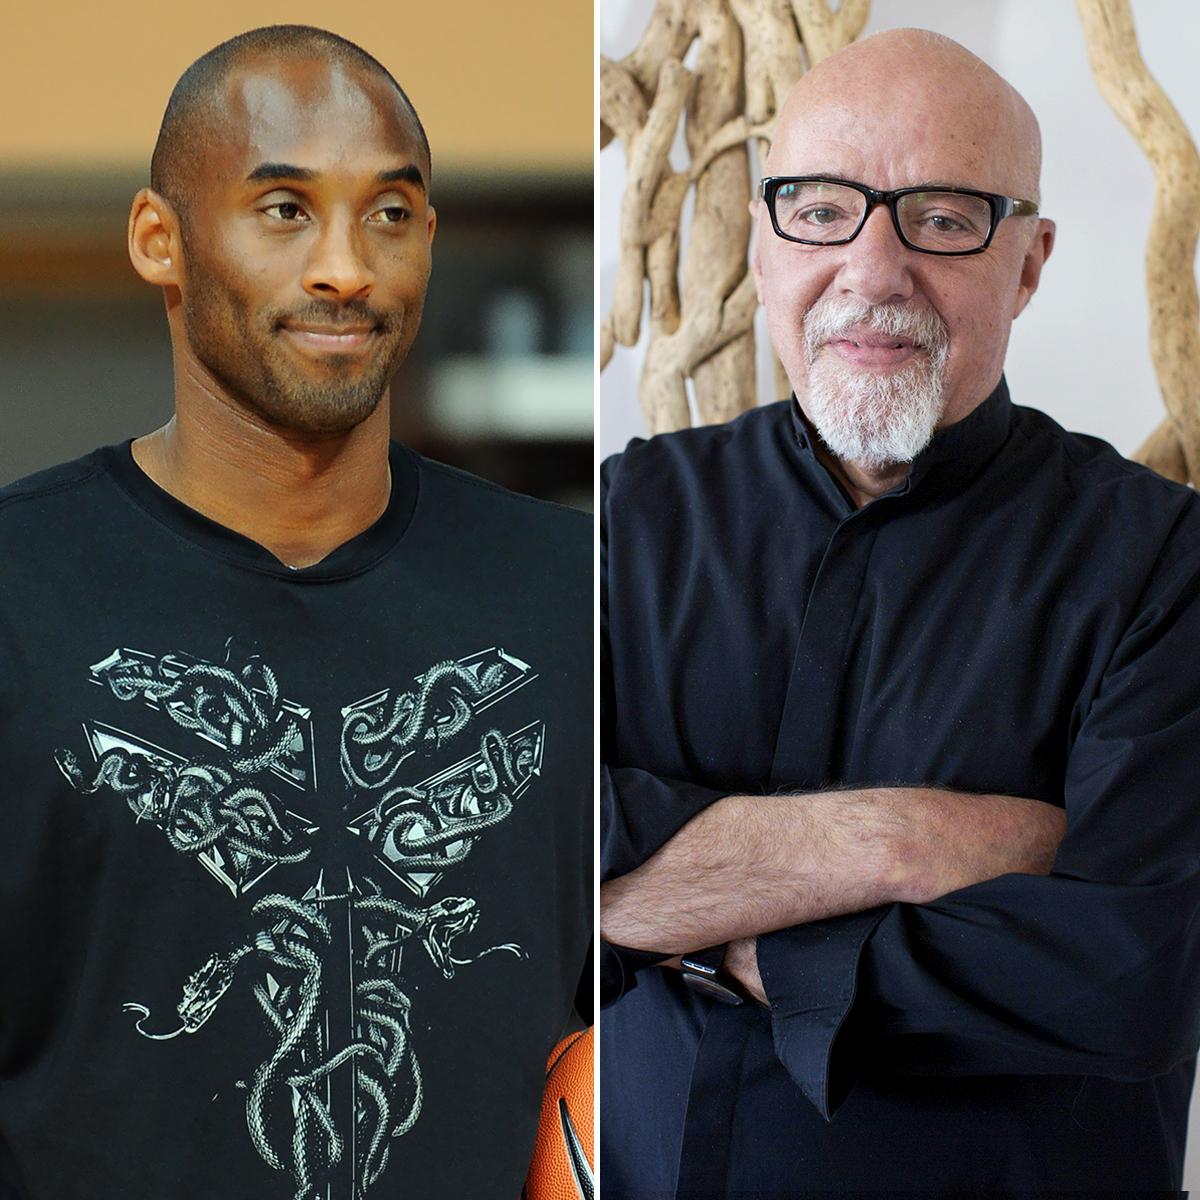 Kobe-Bryant's-Coauthor-Paul-Coelho-Deletes-Draft-of-Their-Children's'-BookKobe-Bryant's-Coauthor-Paulo-Coelho-Deletes-Draft-of-Their-Children's'-Book-1